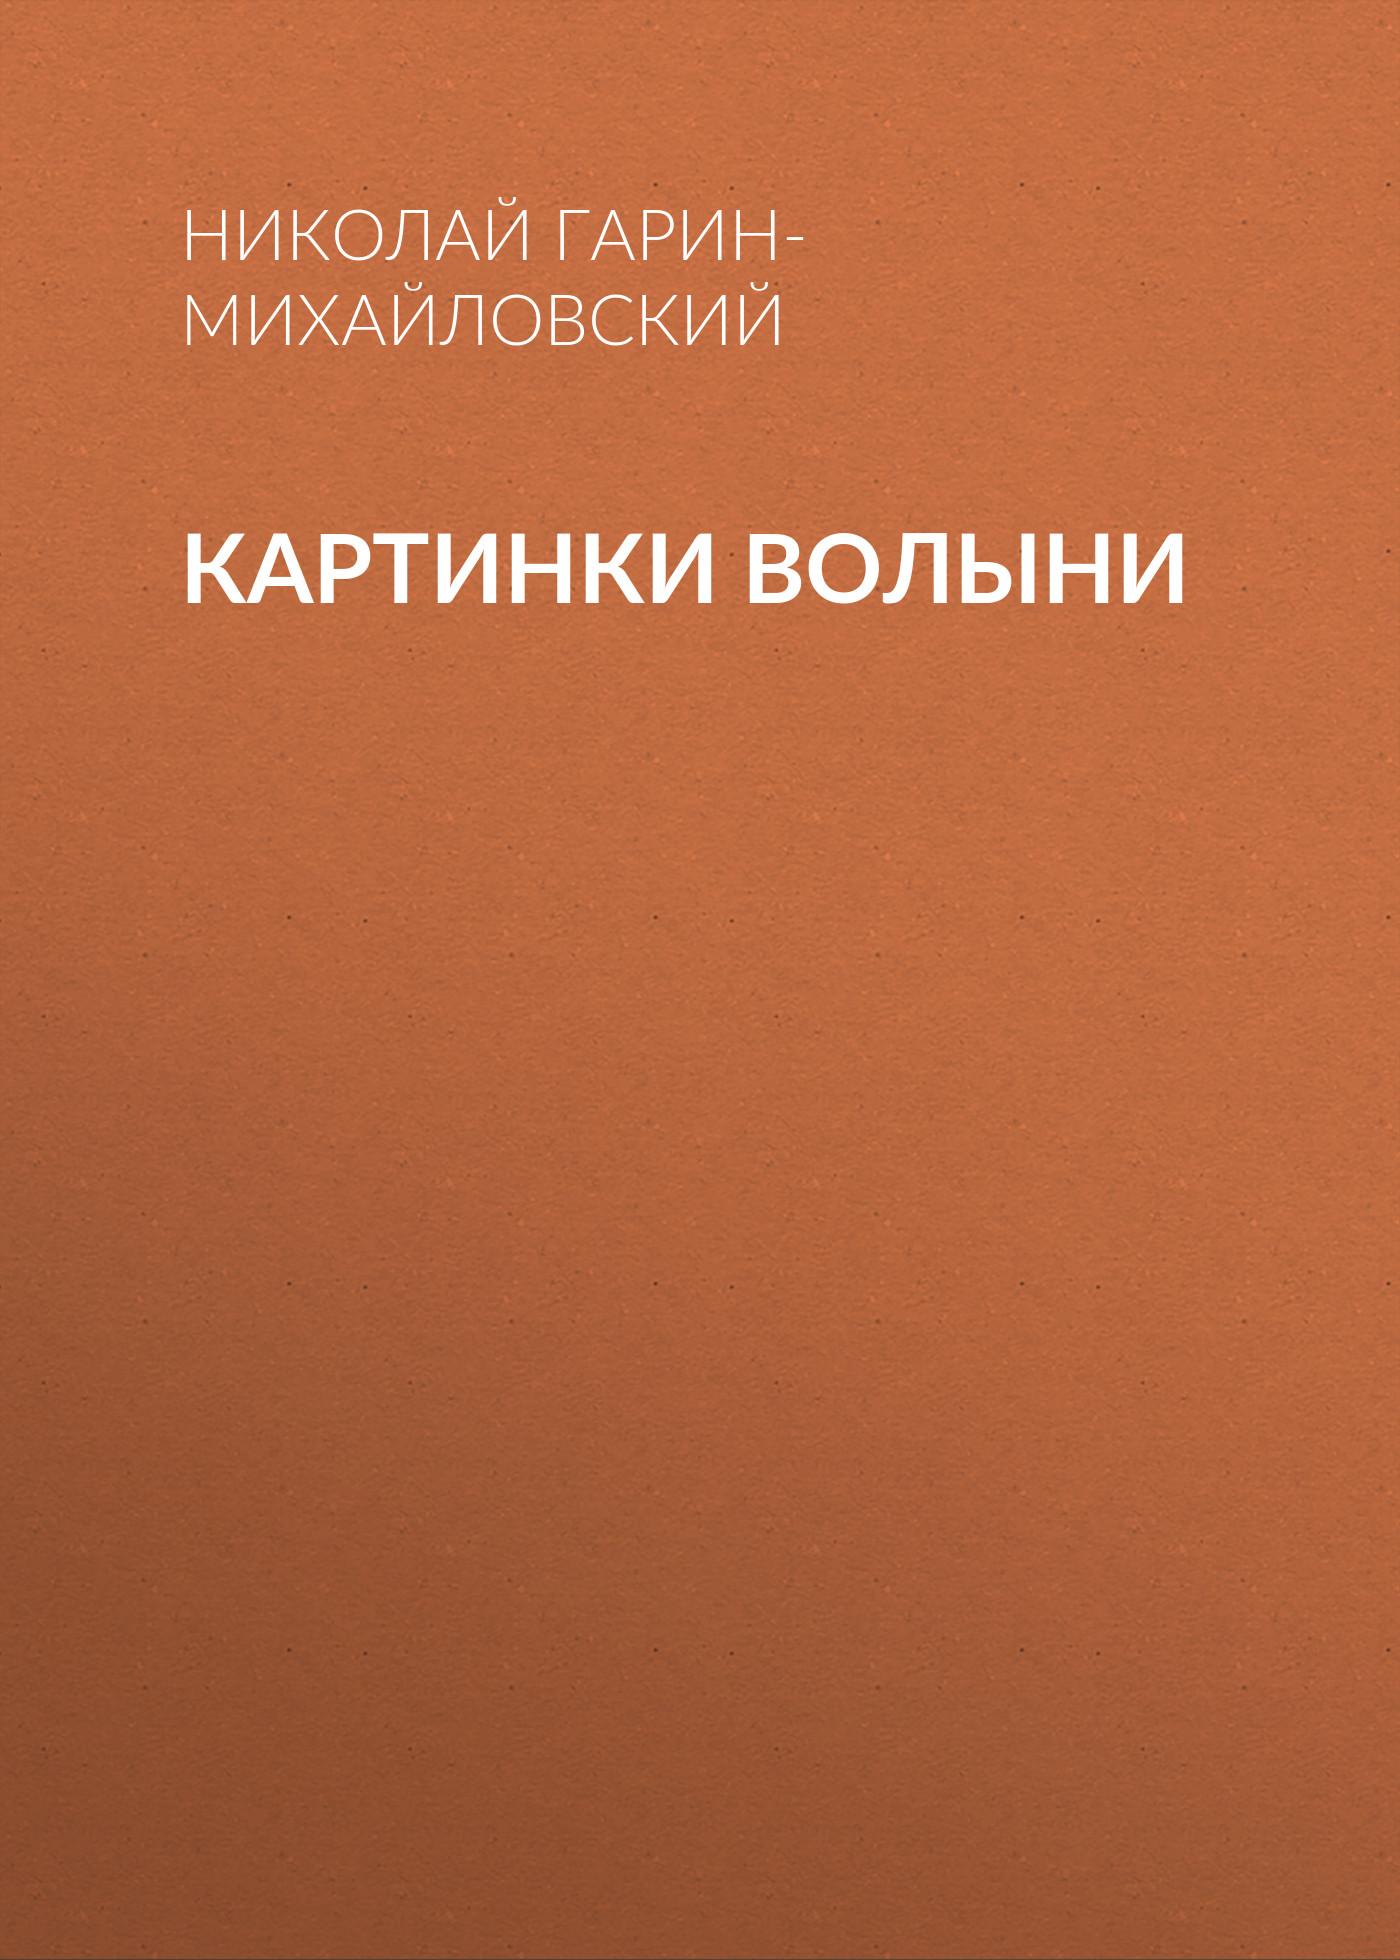 Николай Гарин-Михайловский Картинки Волыни